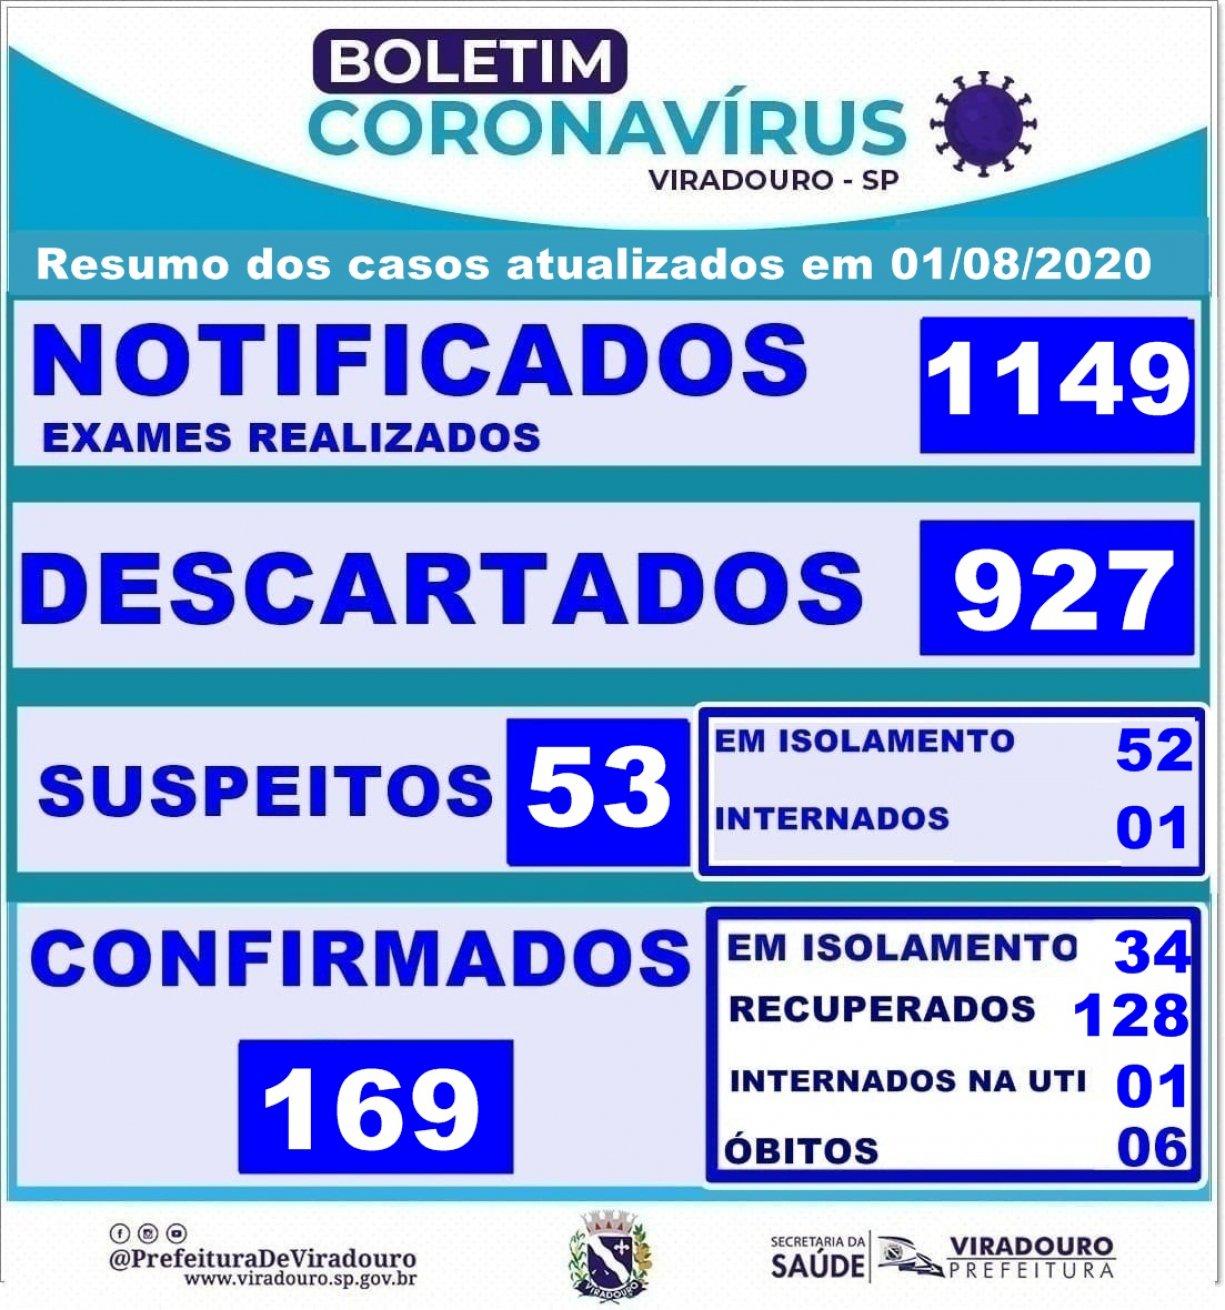 Boletim Epidemiológico Viradouro (Atualização 01/08/2020)